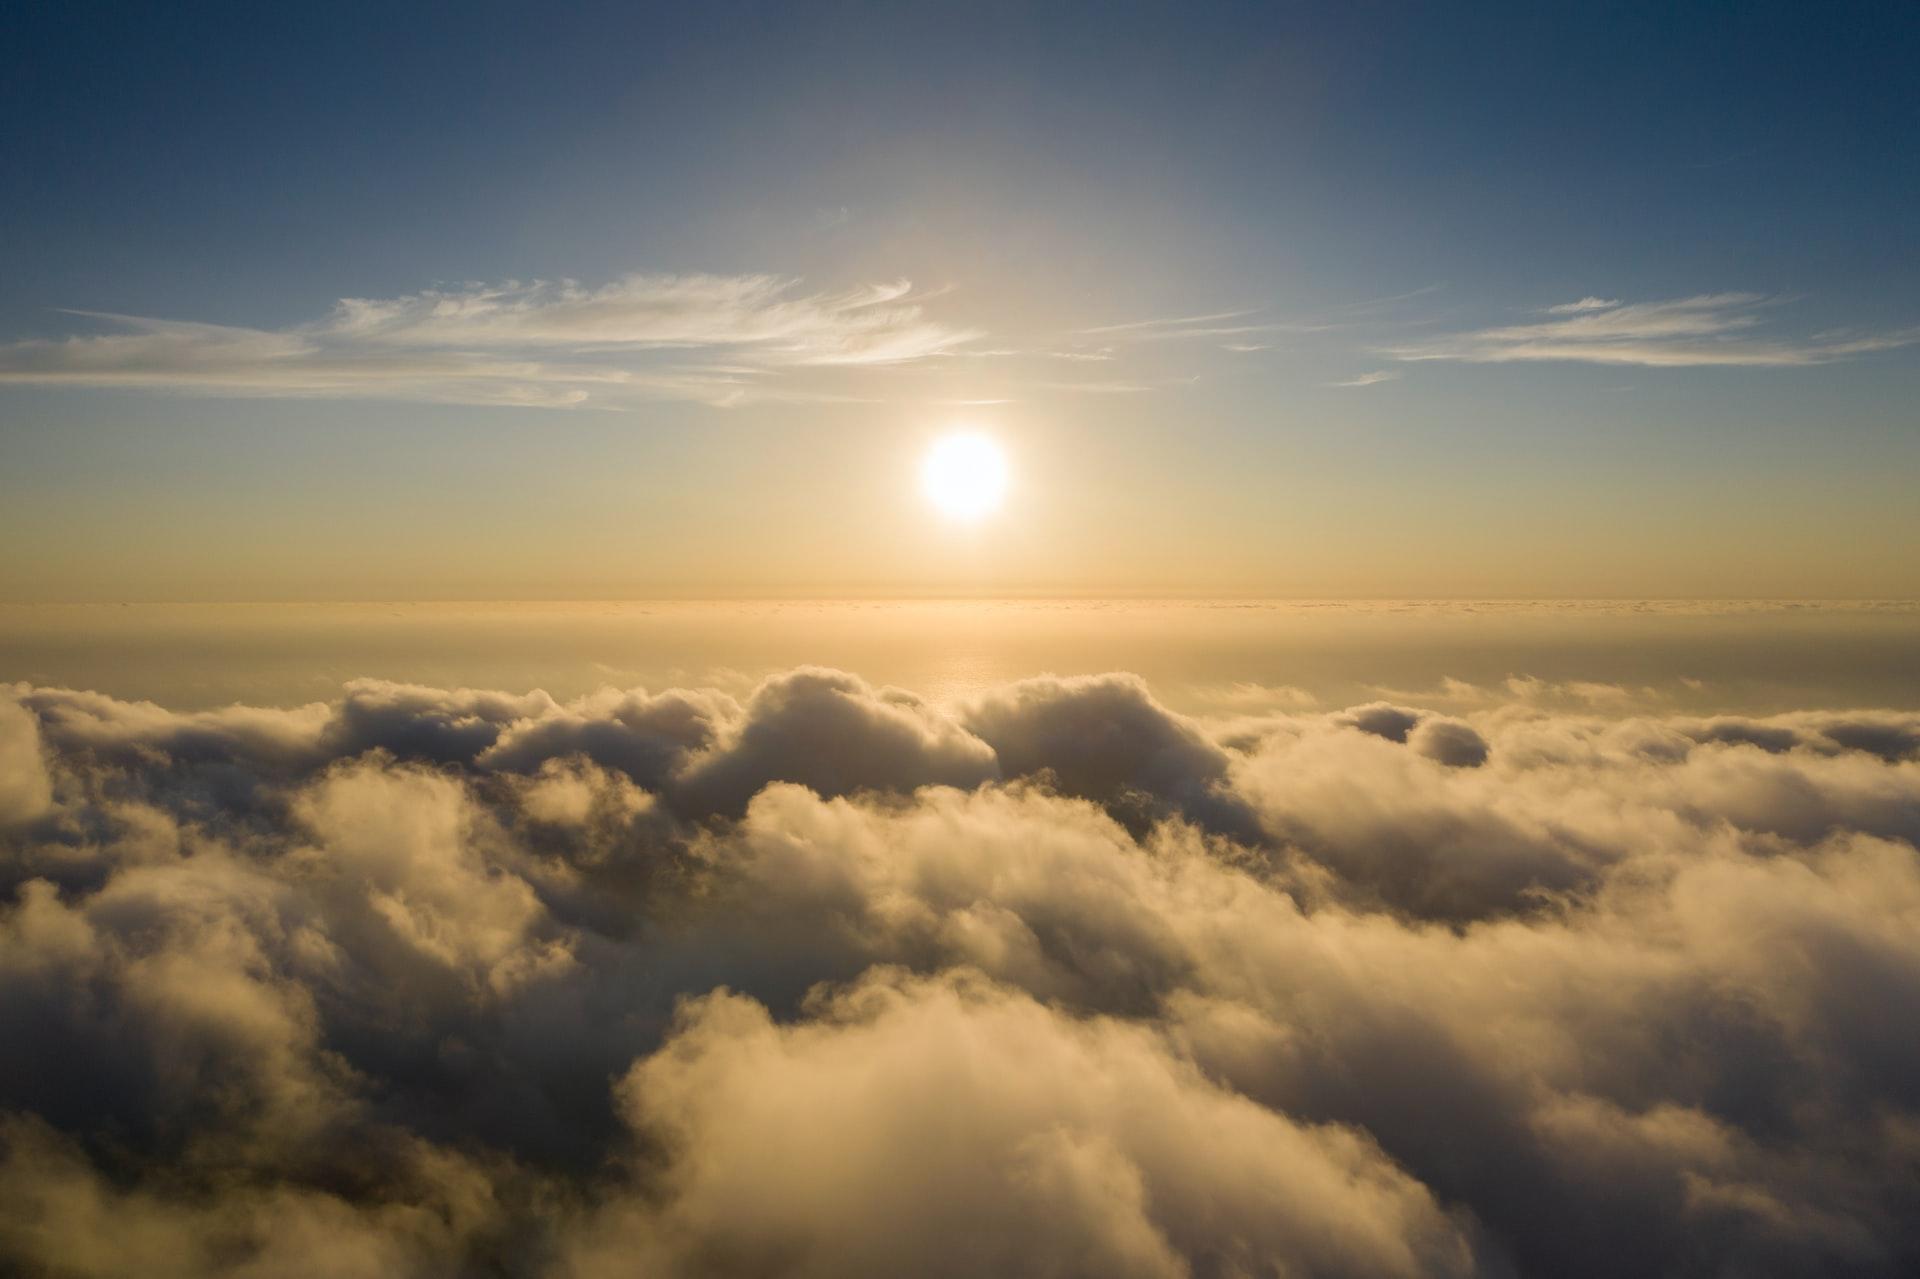 天 の 時 は 地の利 に 如 かず 地の利 は 人 の 和 に 如 かず